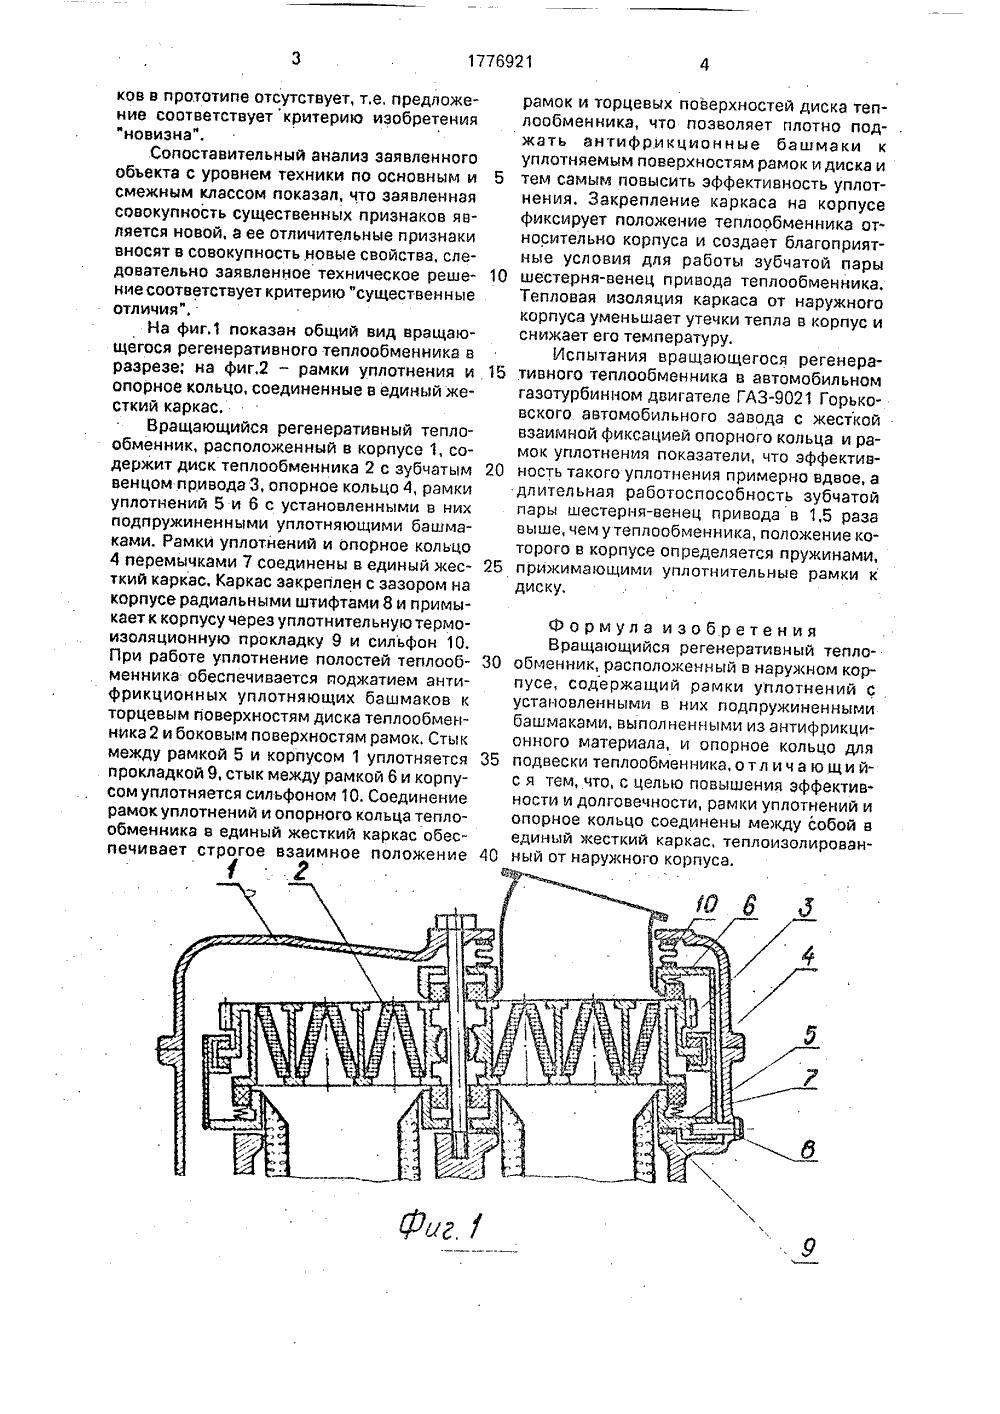 Вращающийся регенеративный теплообменник Теплообменник Ридан НН 14 Ду50 Самара